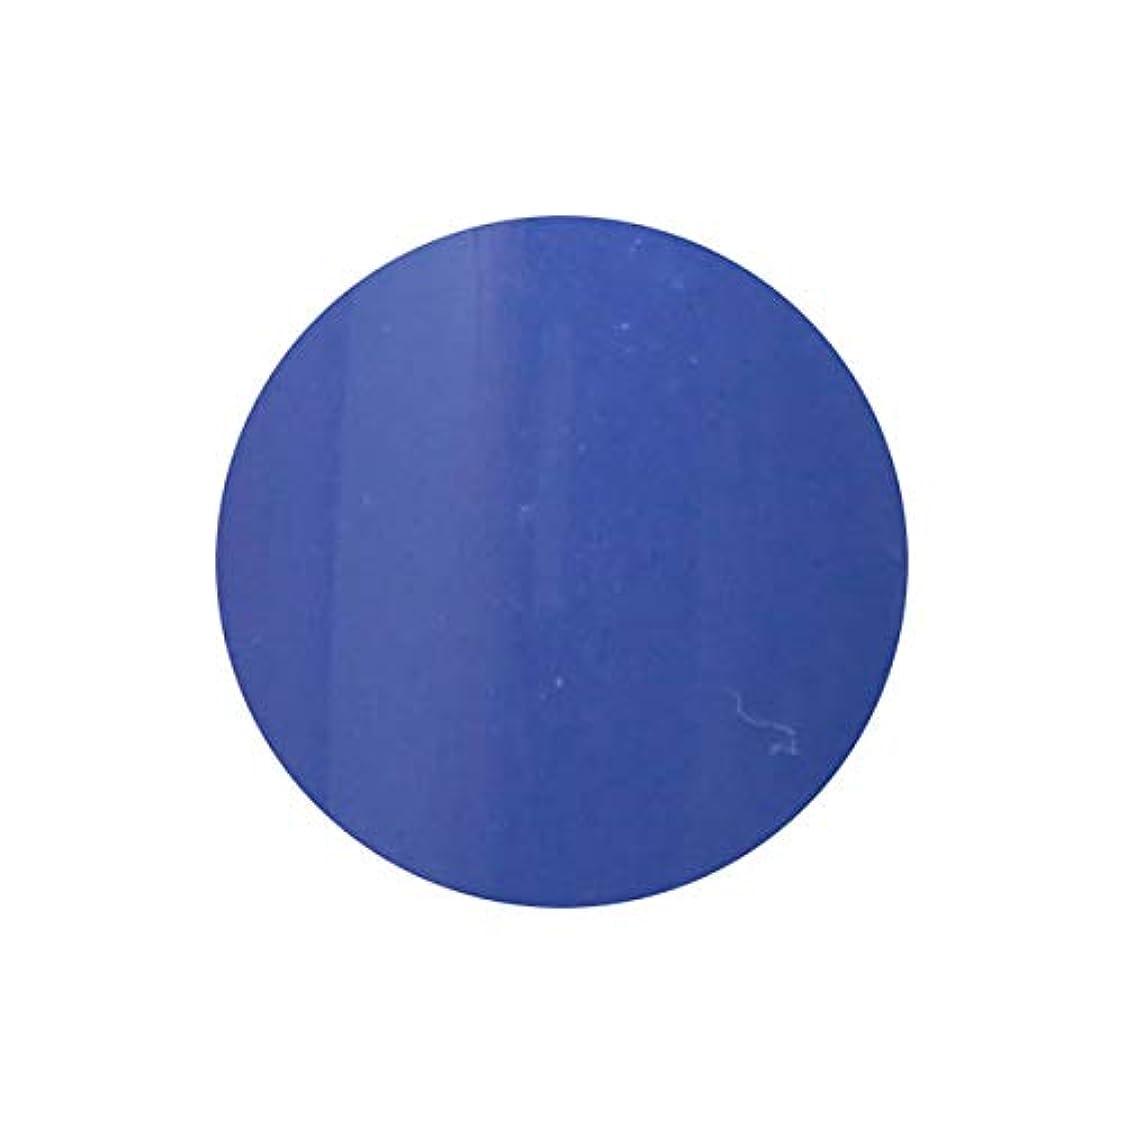 自慢視聴者狂気【NEW】T-GEL COLLECTION カラージェル D225 スモーキータンザナイト 4ml